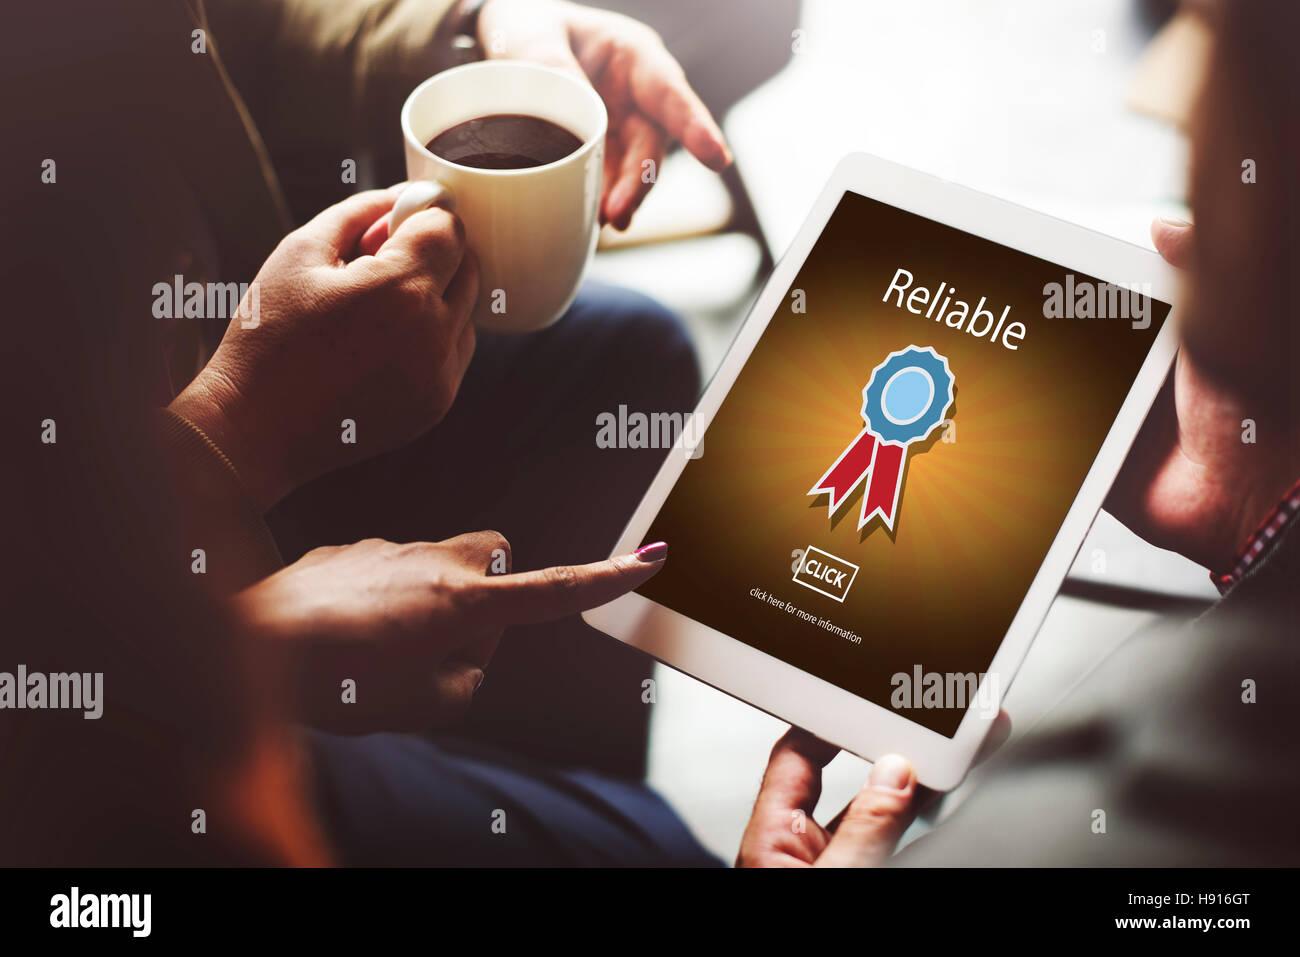 Compromiso confiable consistencia concepto fiable Imagen De Stock